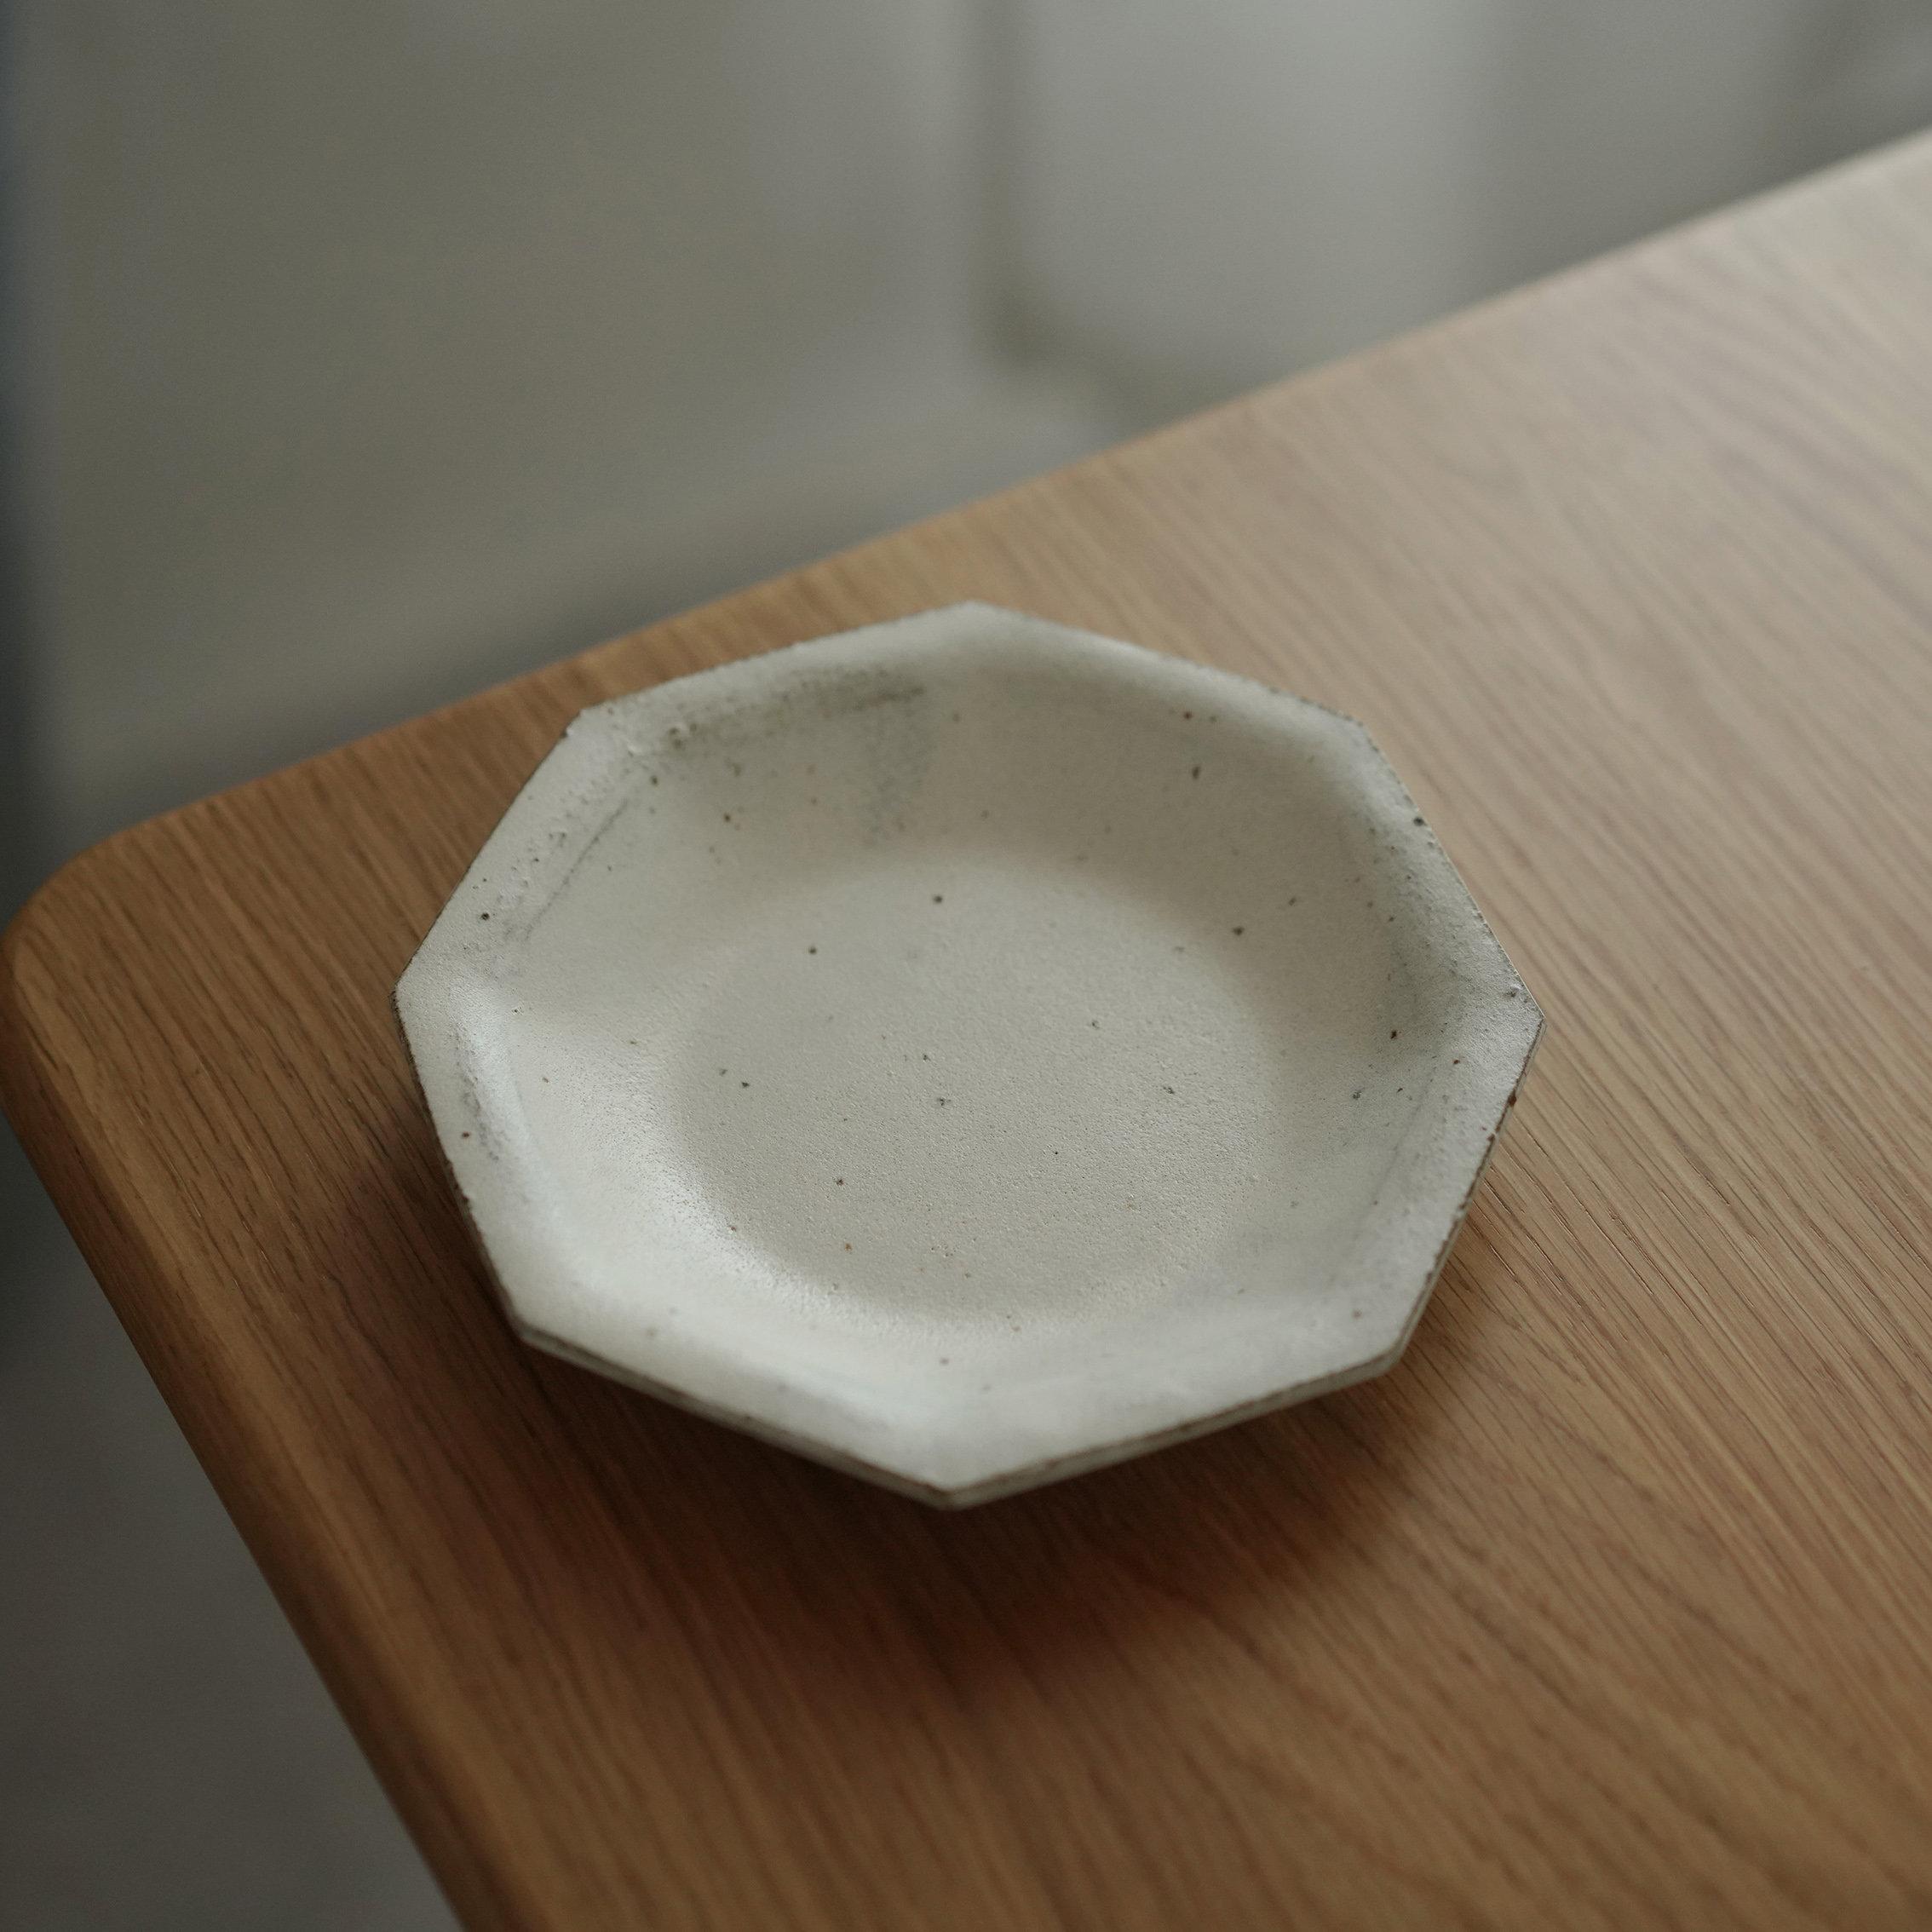 八角の新型の皿の日本の粉はあっさりしていて、清新で、粗陶の器の青塵と夢の手を引いて陶芸の皿の野菜皿を作ります。